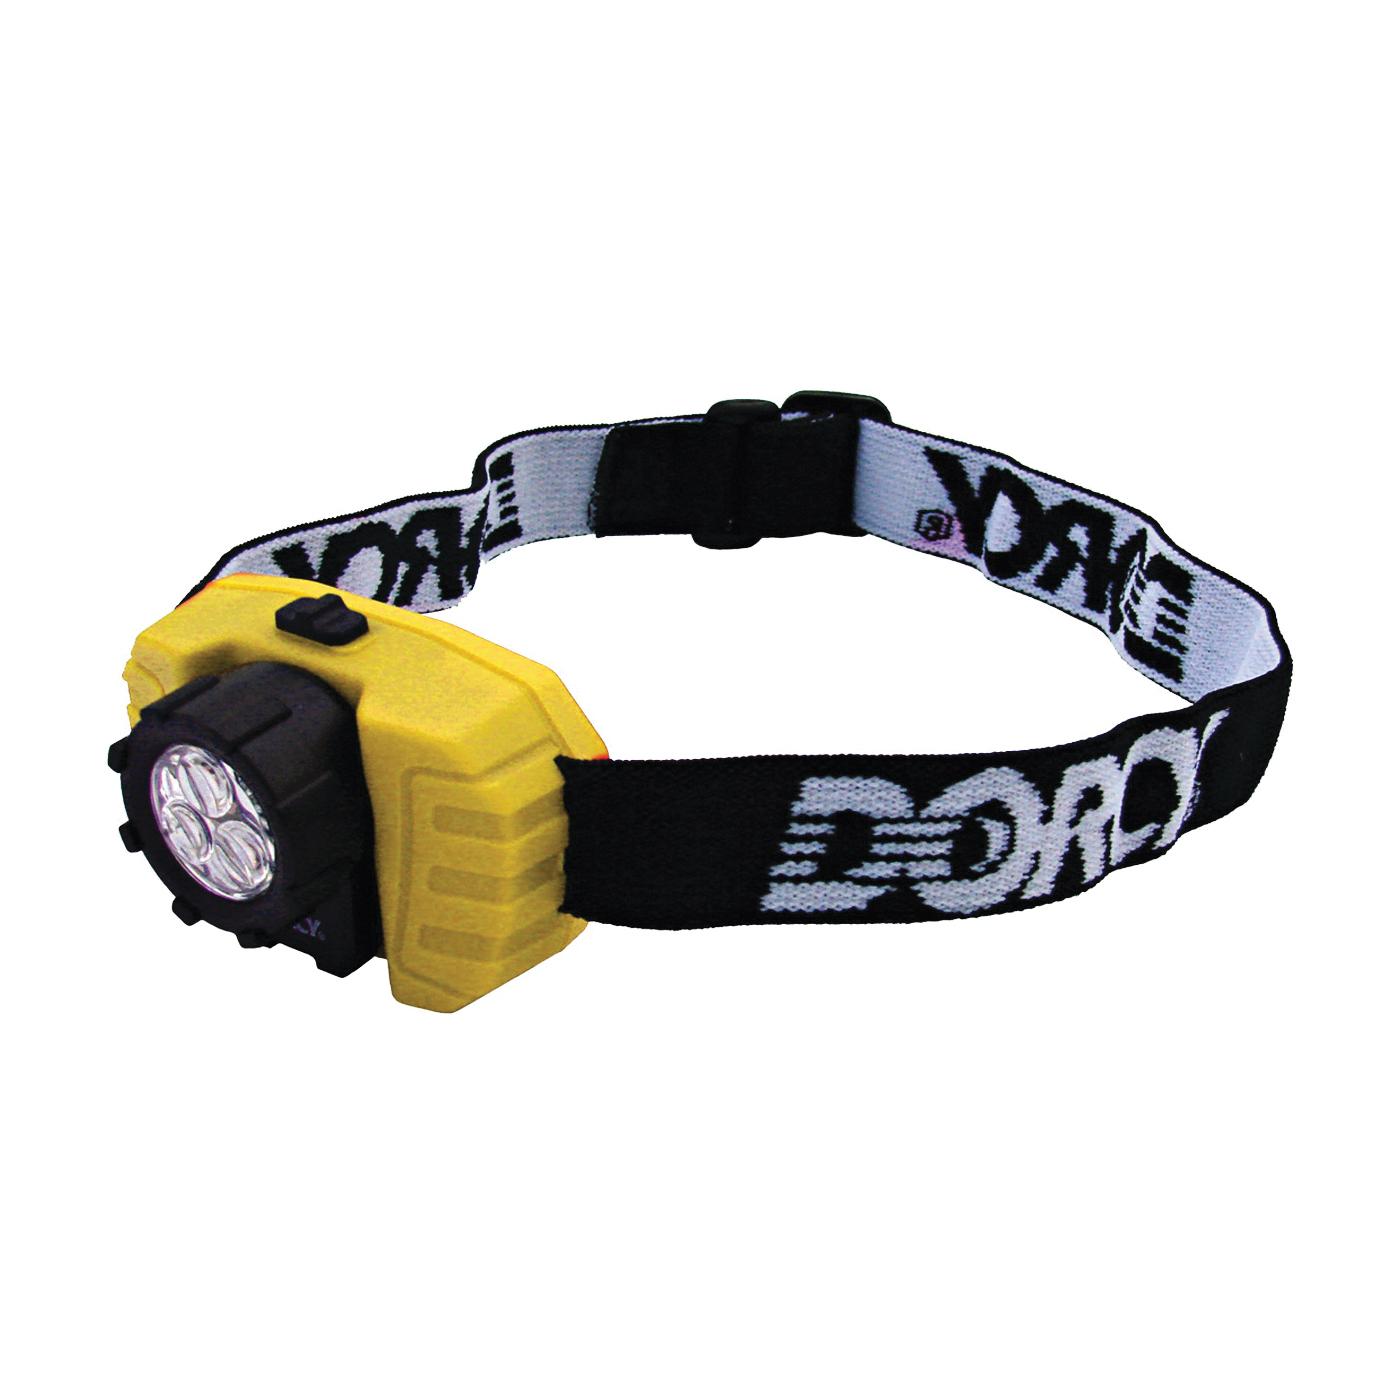 Dorcy 41-2099